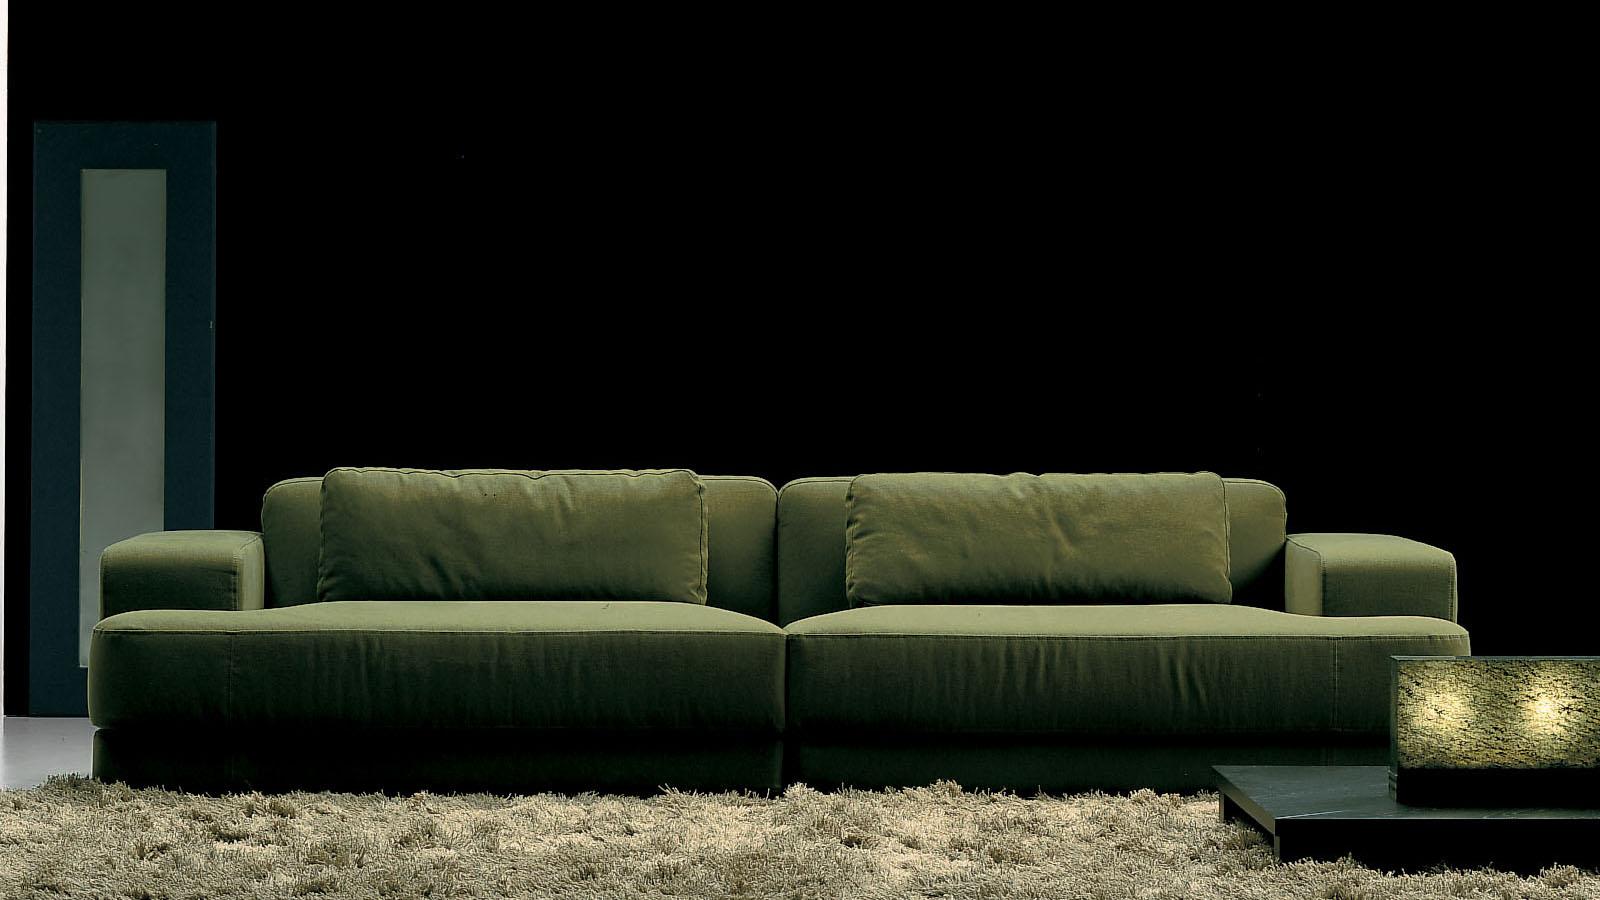 Edipo FRIGHETTO - divano verde